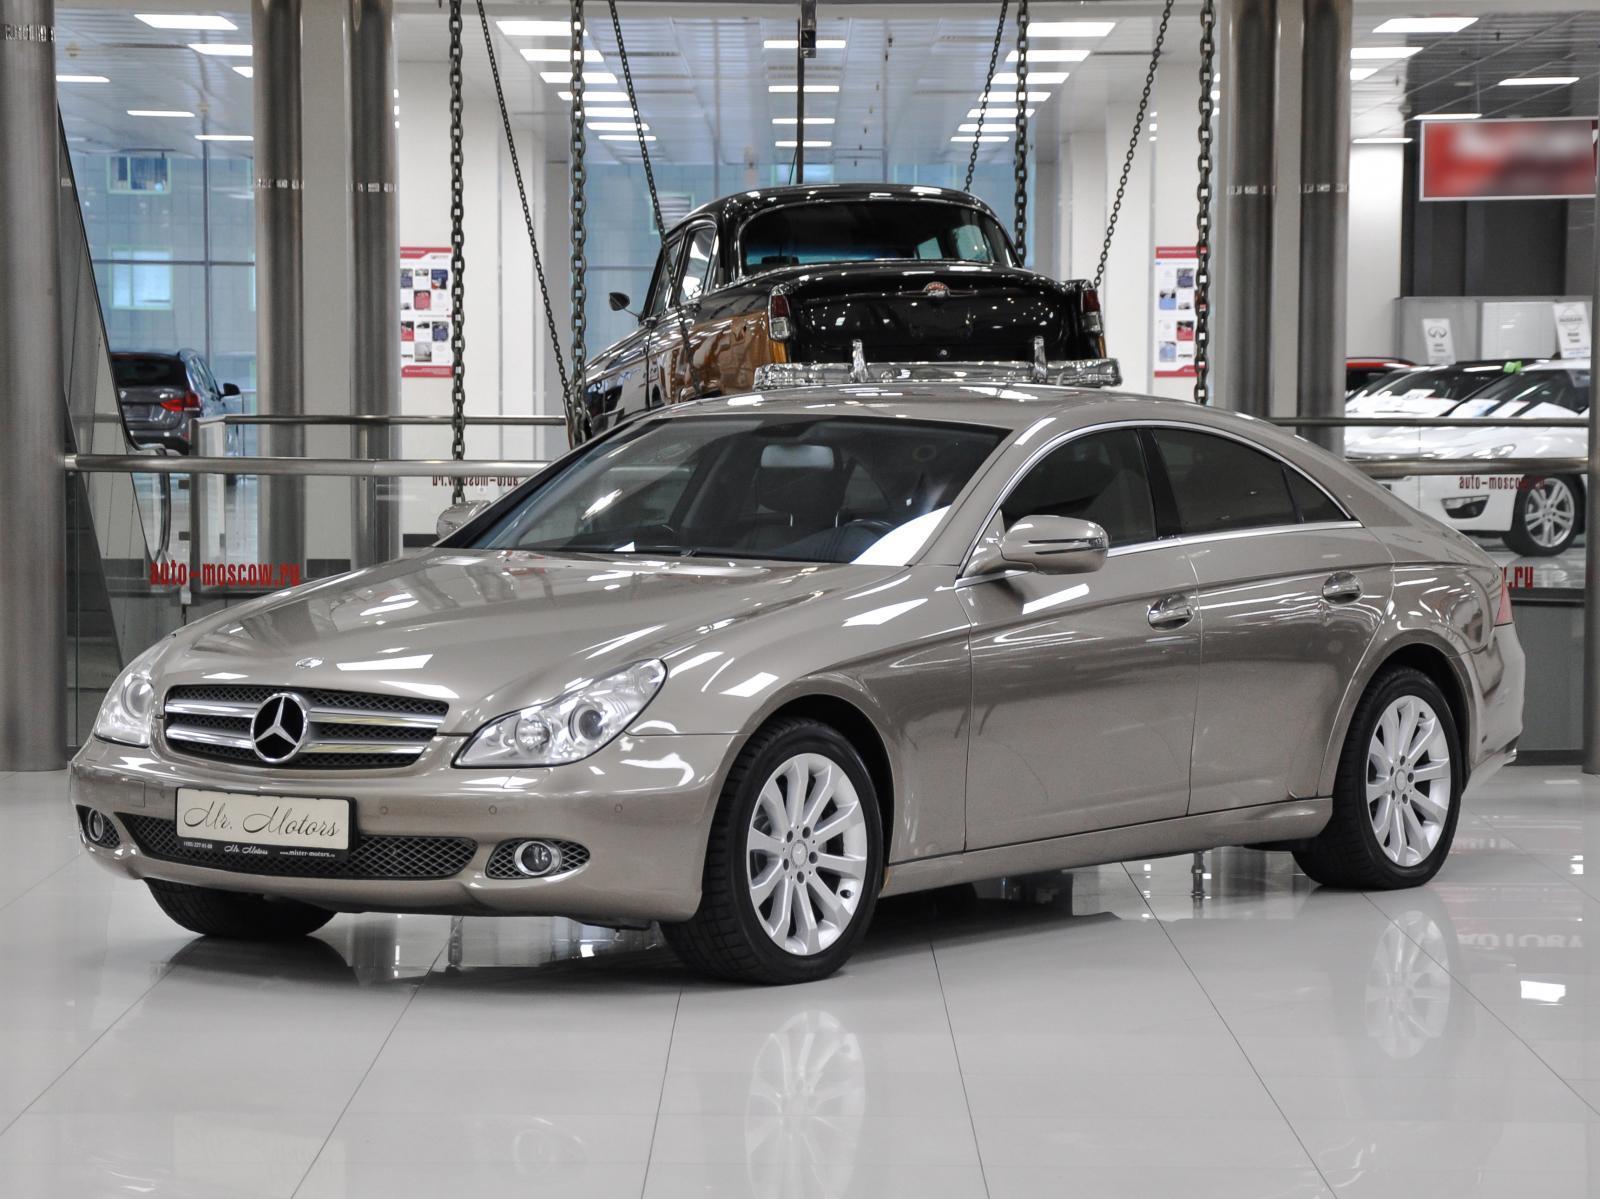 Mercedes-Benz CLS-klasse с пробегом в Москве. Автомобильная компания Mr.Motors